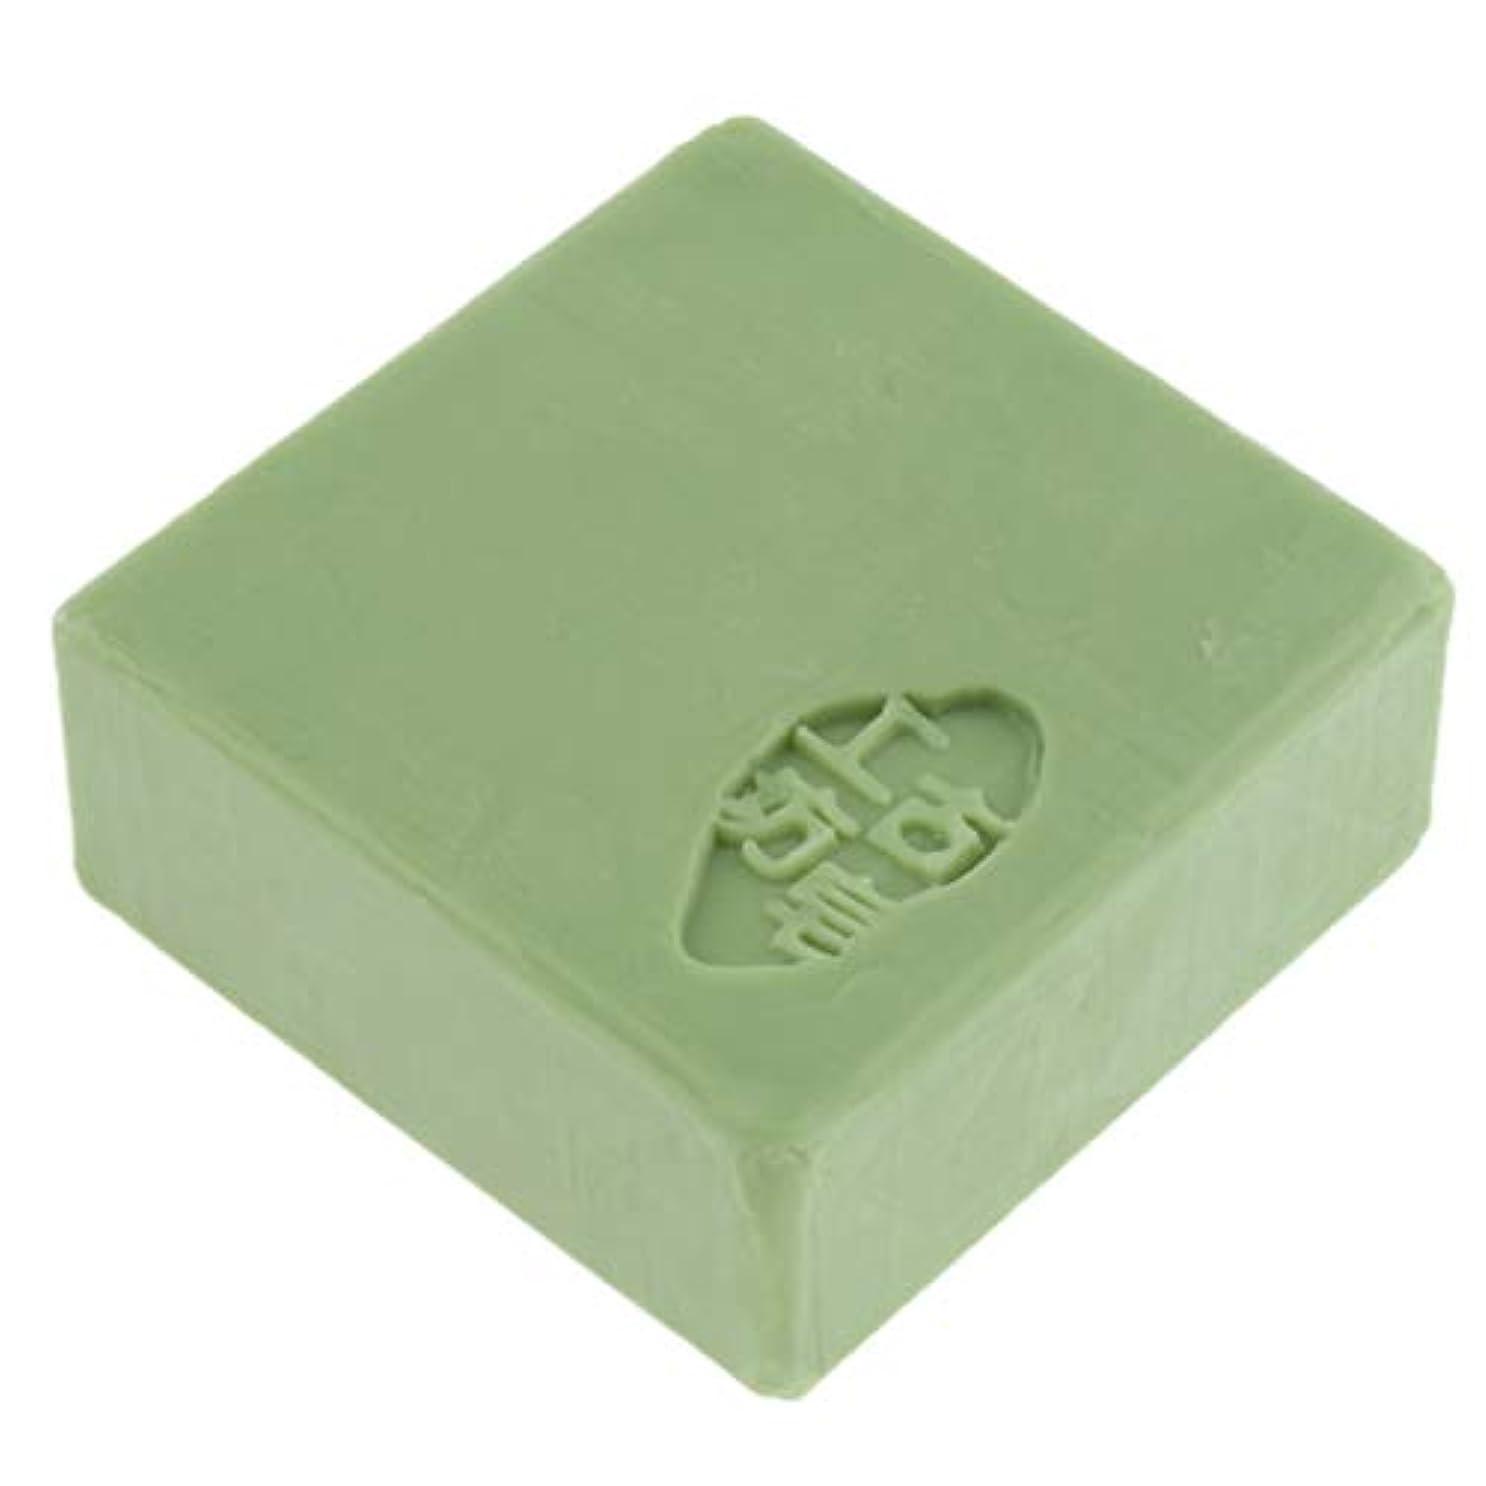 平衡神の誘惑するP Prettyia 全3色 バス スキンケア フェイス ボディソープ 石鹸 保湿 肌守り - 緑